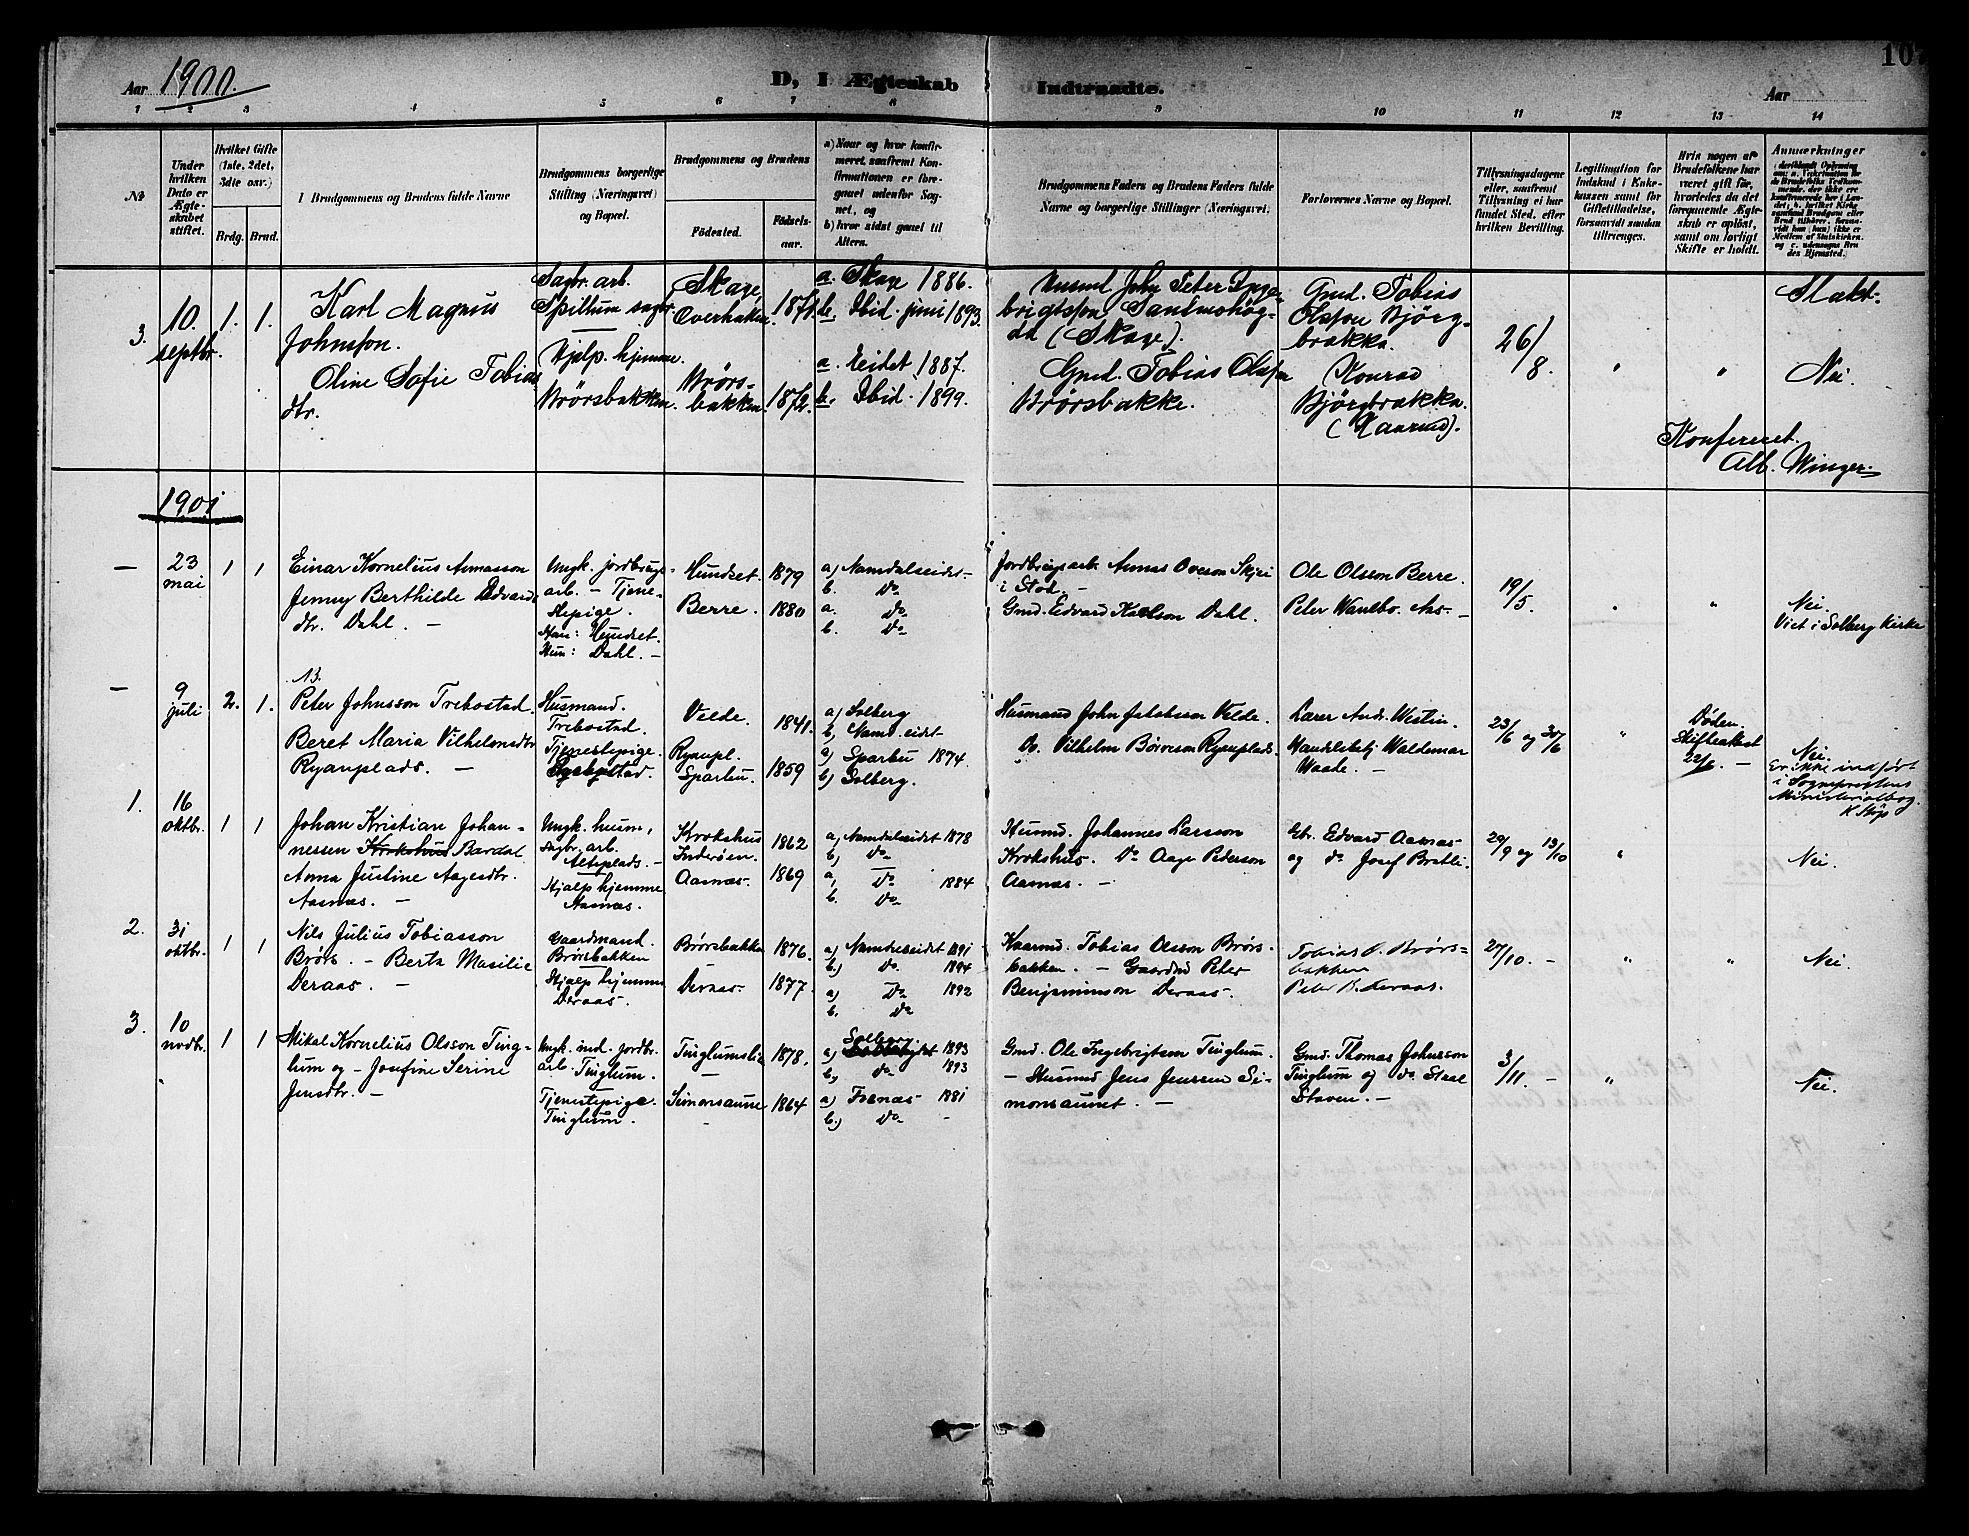 SAT, Ministerialprotokoller, klokkerbøker og fødselsregistre - Nord-Trøndelag, 742/L0412: Klokkerbok nr. 742C03, 1898-1910, s. 107